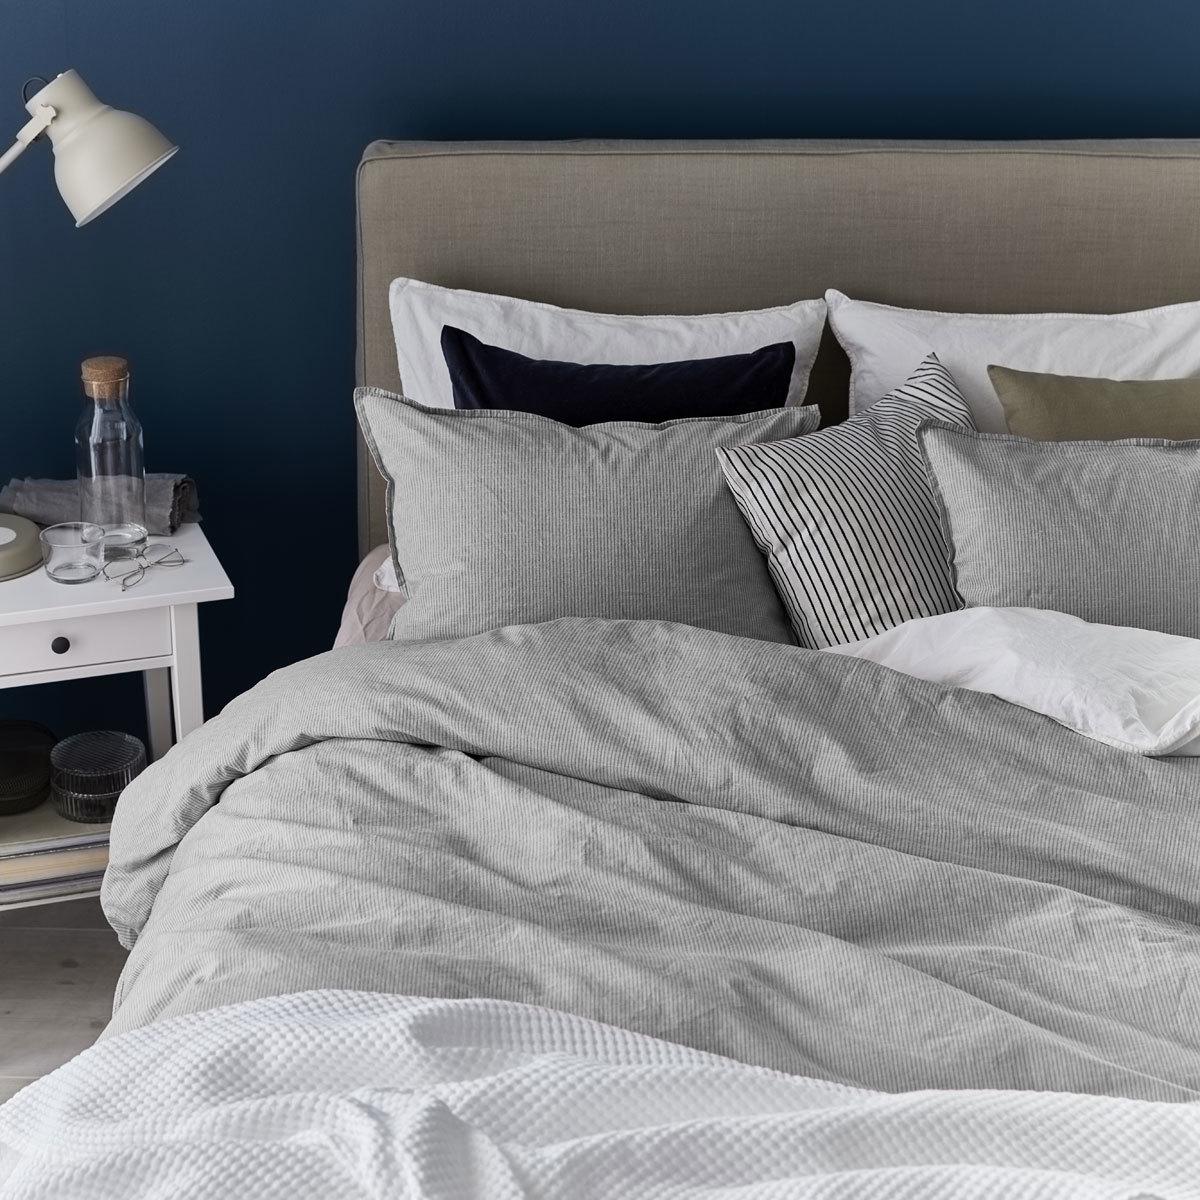 Utiliza un protector de almohada y lávalo a menudo si no quieres que se estropee tu almohada.